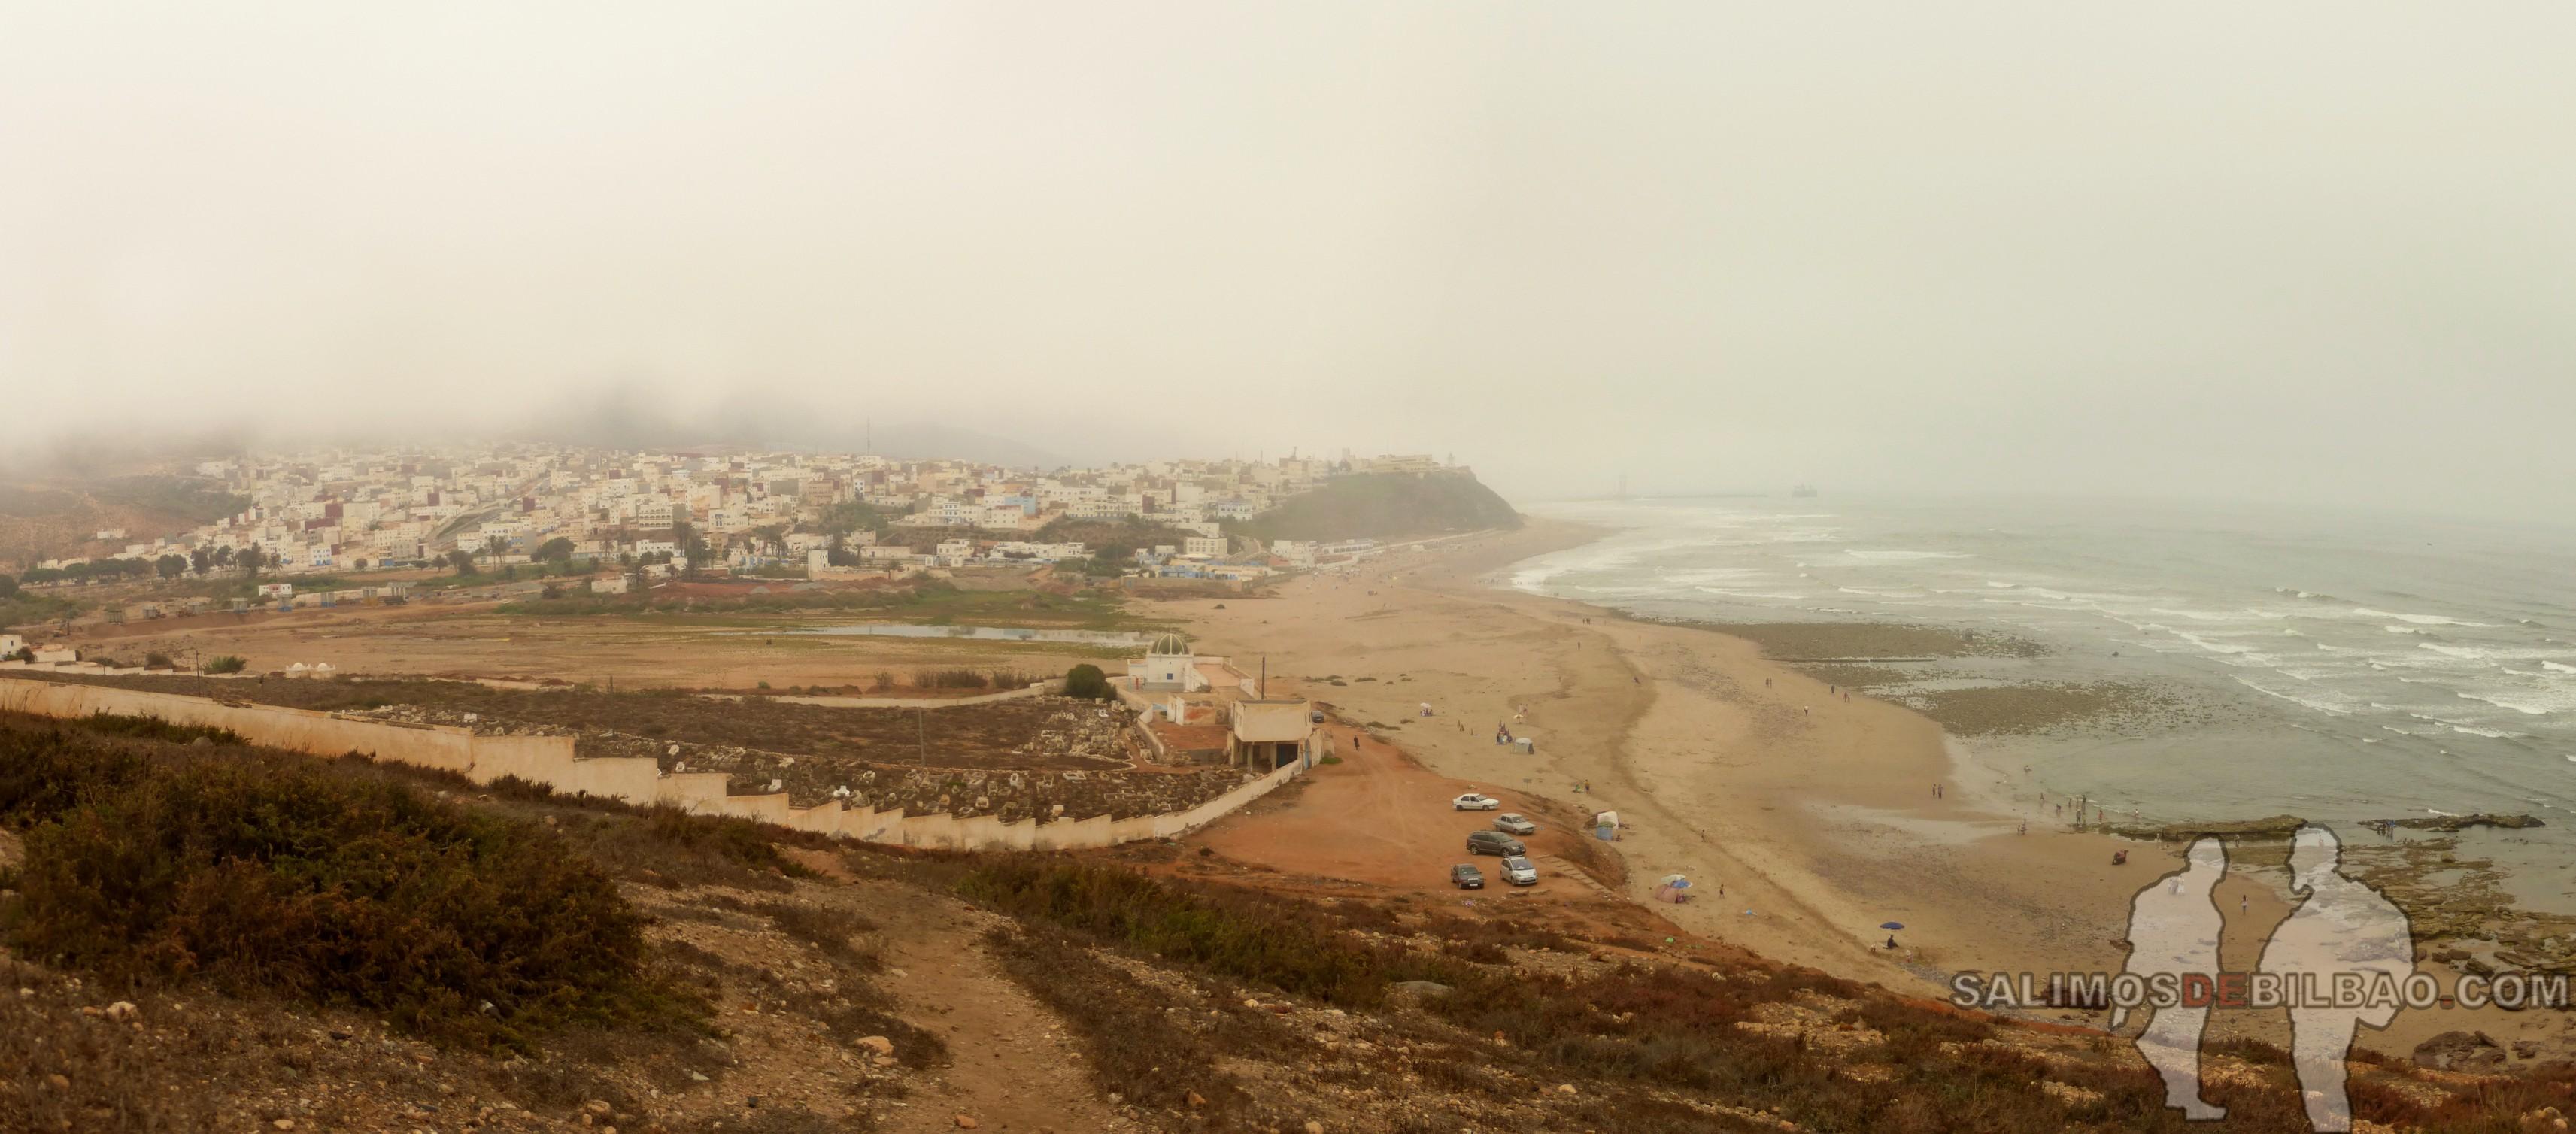 337. Pano, Sidi Ifni, Camino de Sidi Ifni a Legzira